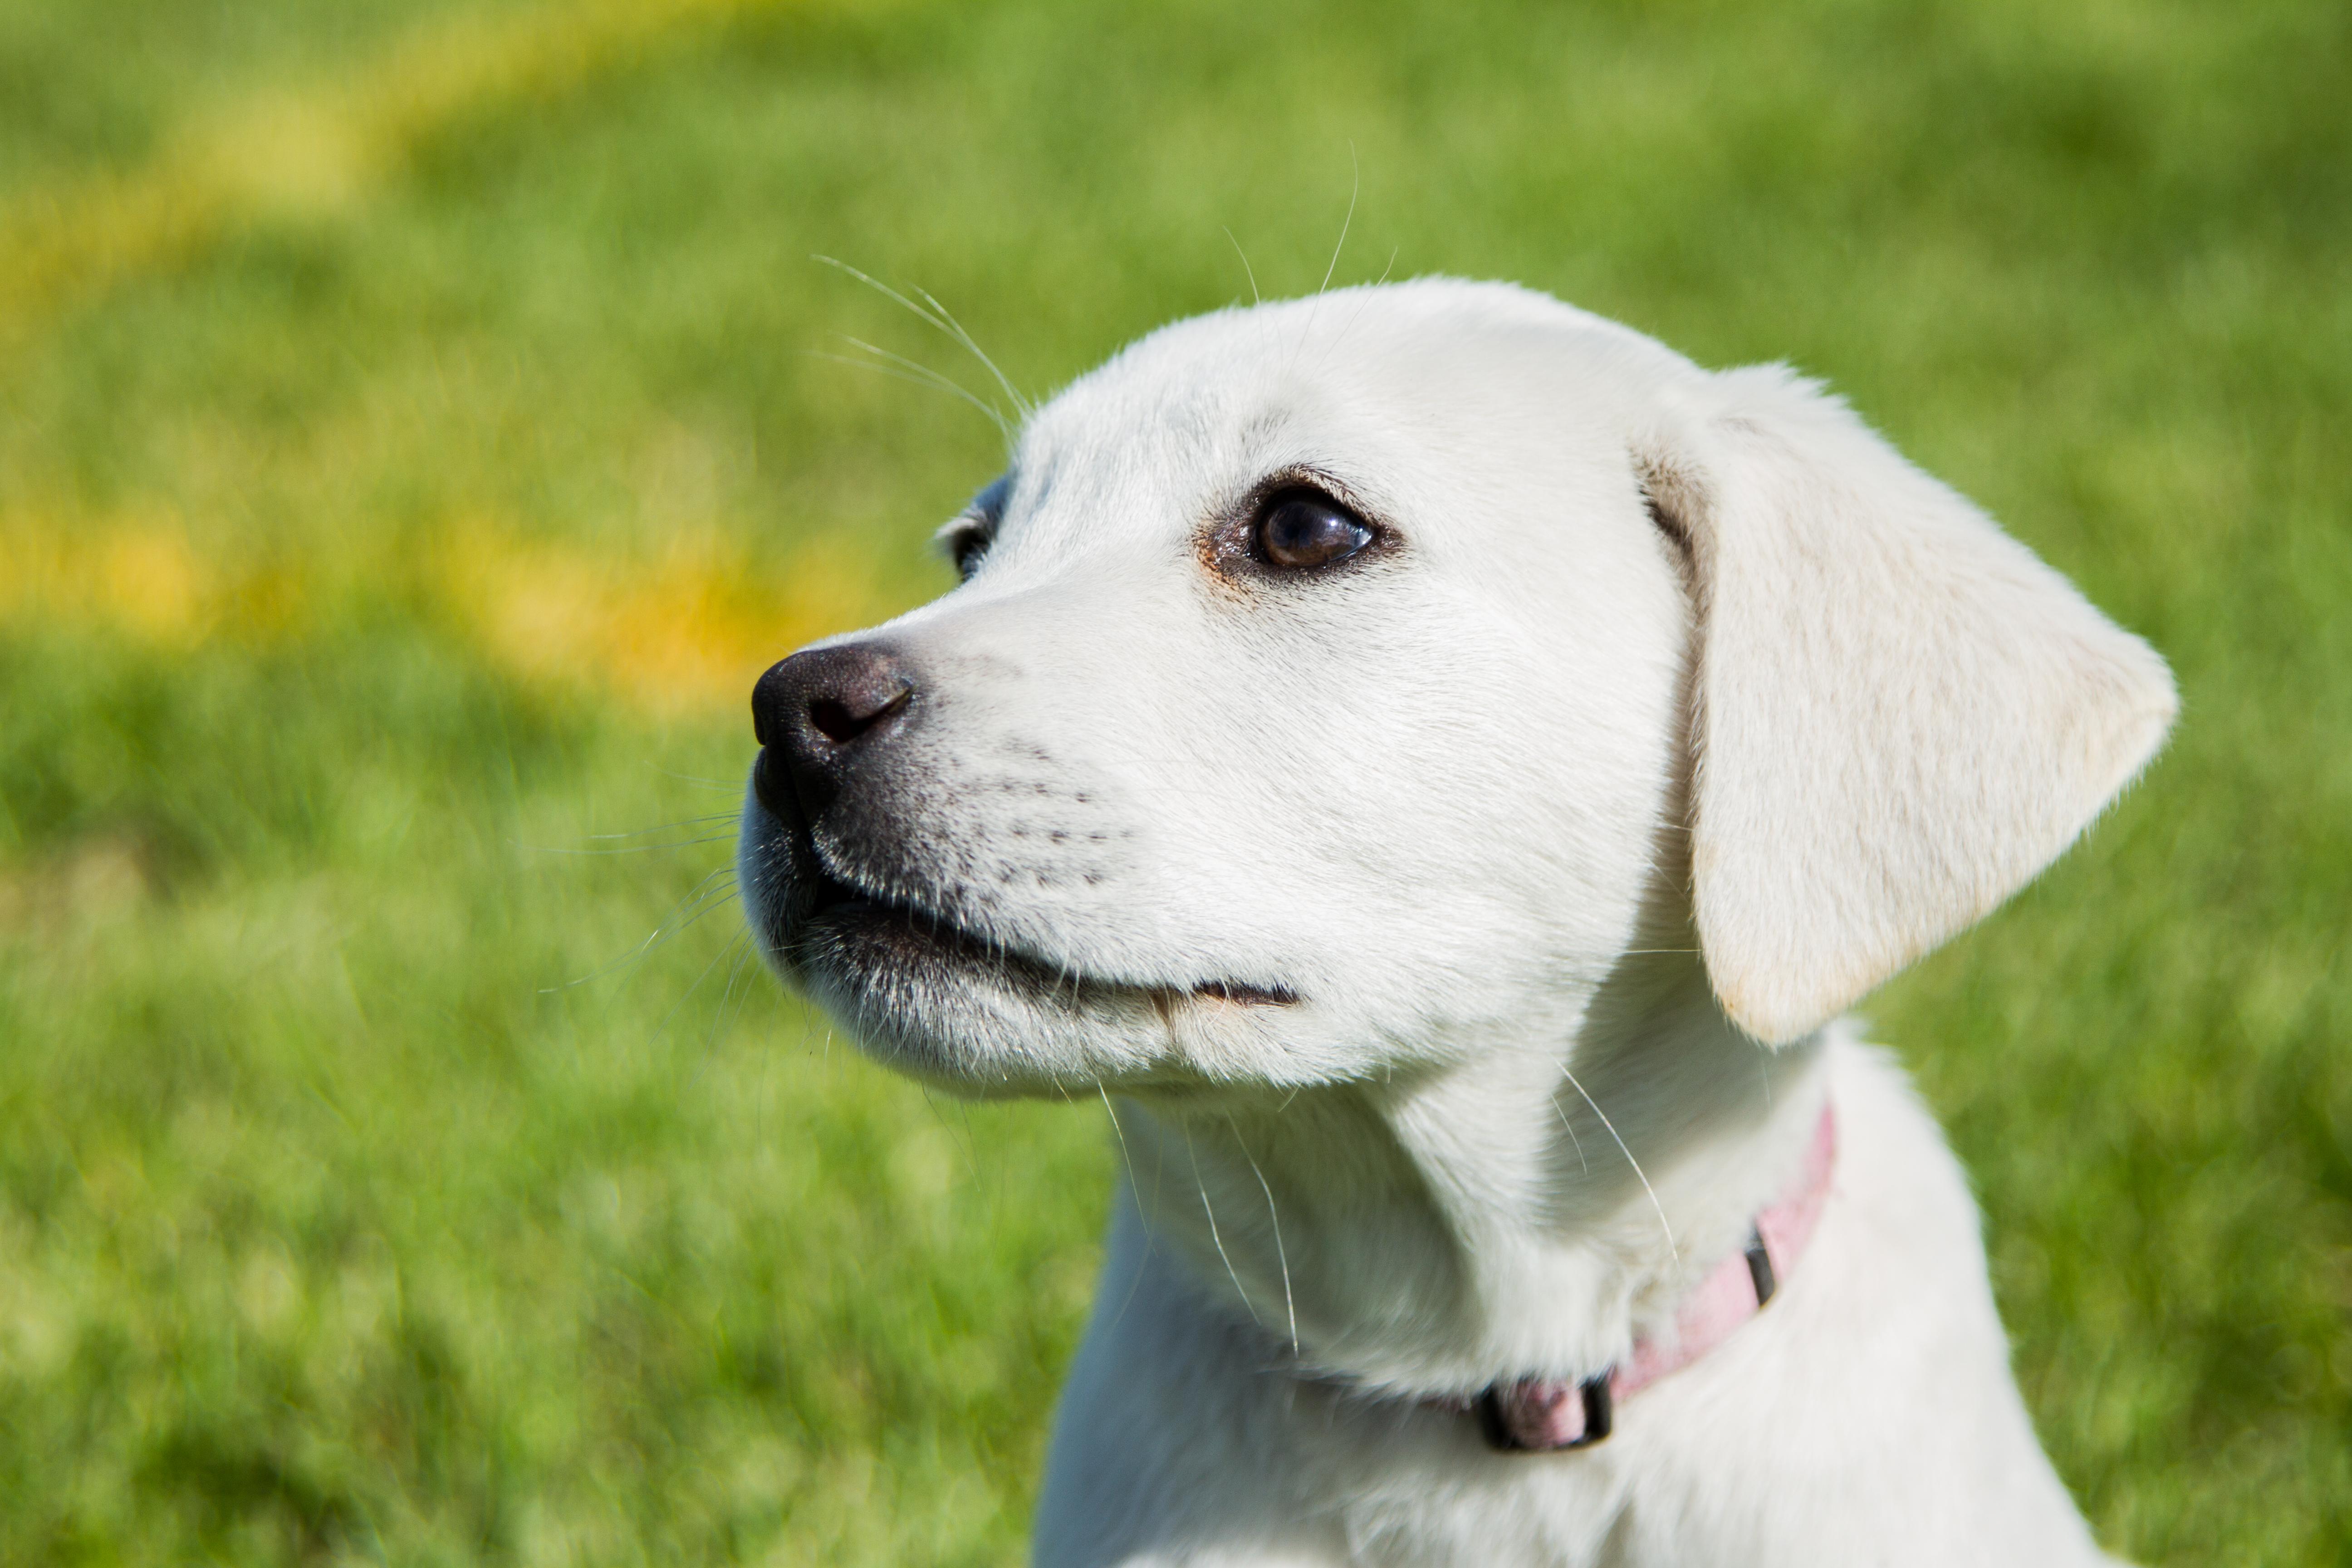 Female White Labrador Retriever – Jane